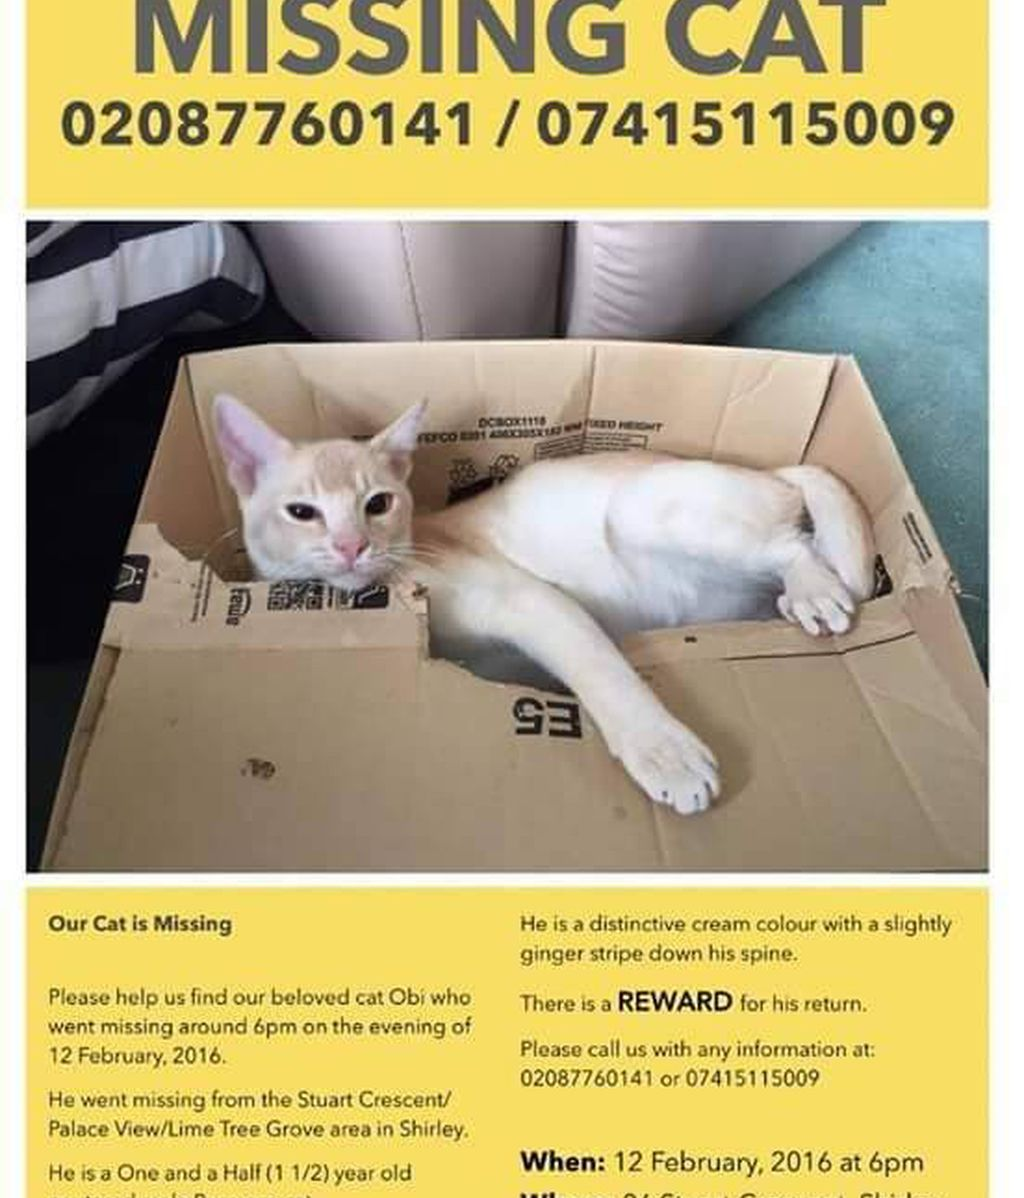 Cartel de un gato desaparecido en Londres